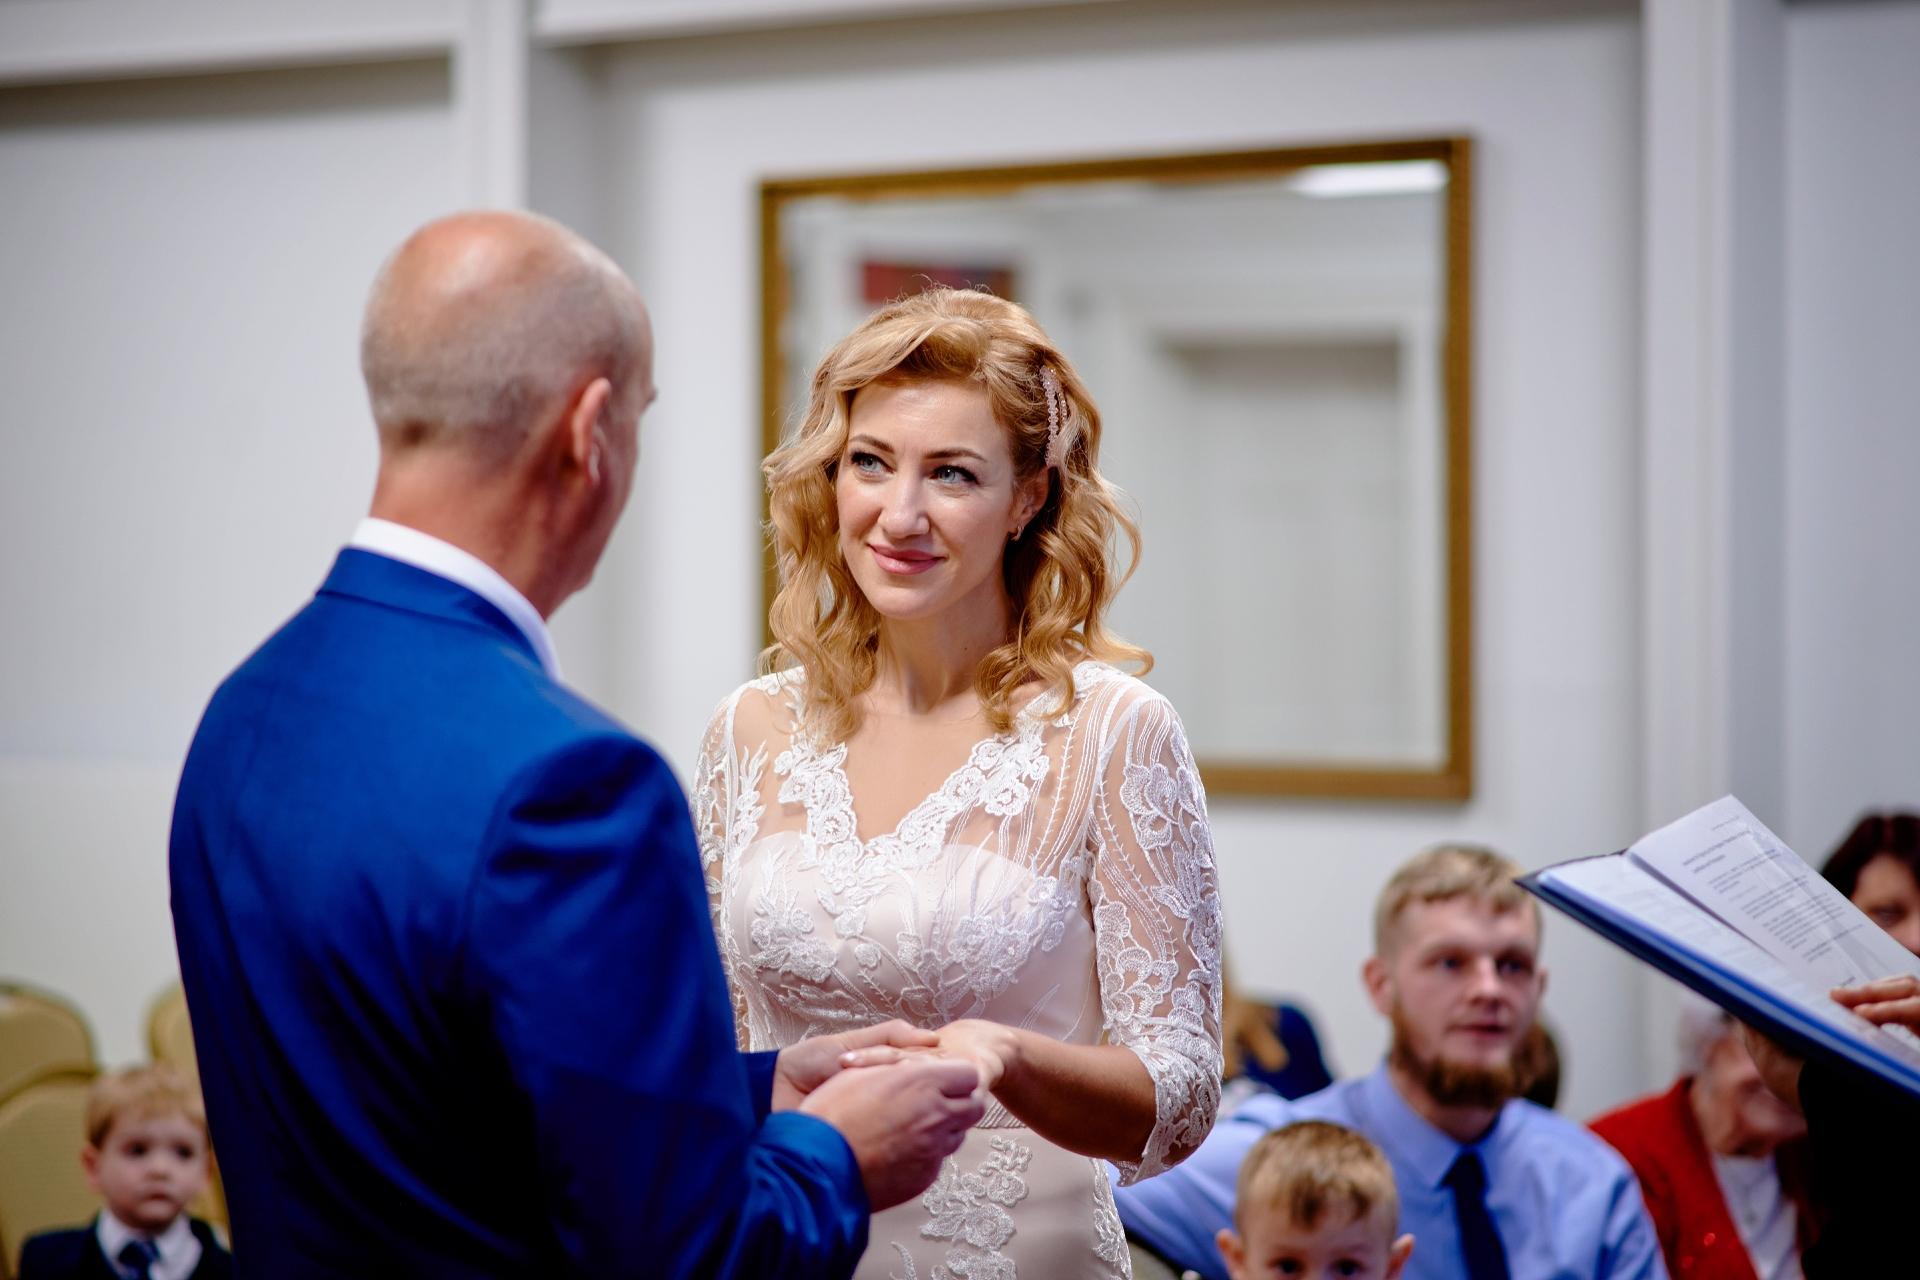 Afbeelding van de burgerlijke huwelijksceremonie in het Verenigd Koninkrijk | een verbazingwekkende en mooie traditie - de uitwisseling van de ringen